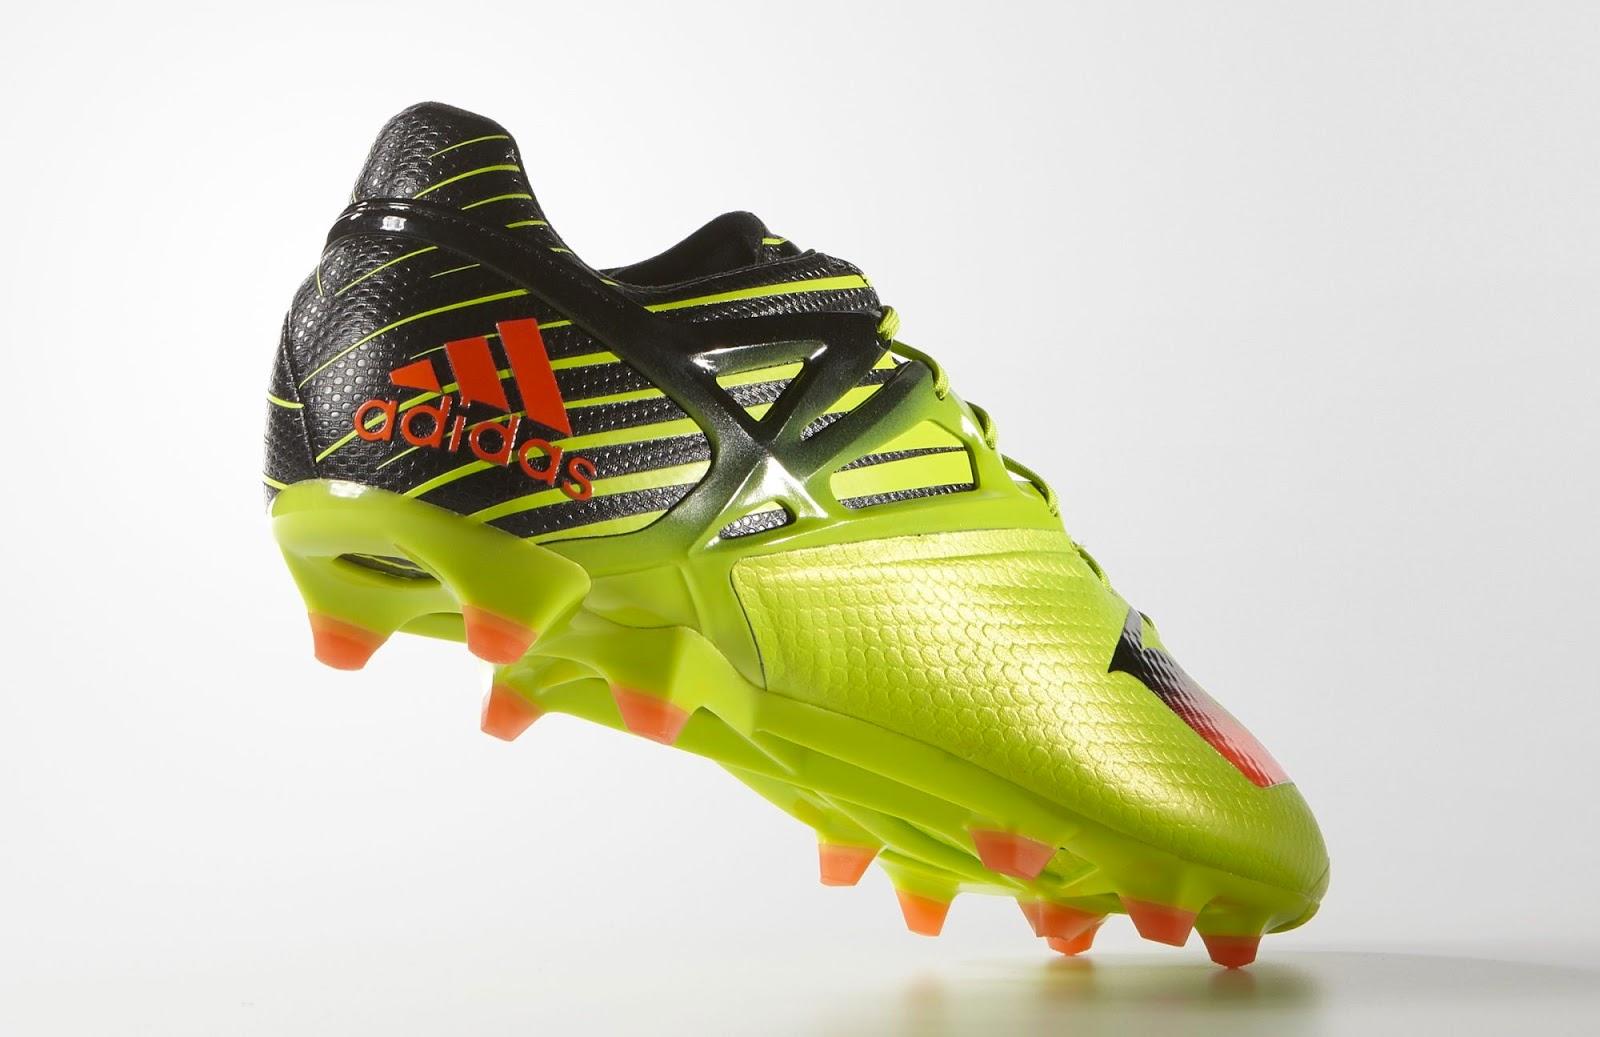 Reseñas fútbol: de fútbol: más: productos, Reseñas jugadores y más: reseña: Adidas Messi 6c374f7 - allpoints.host